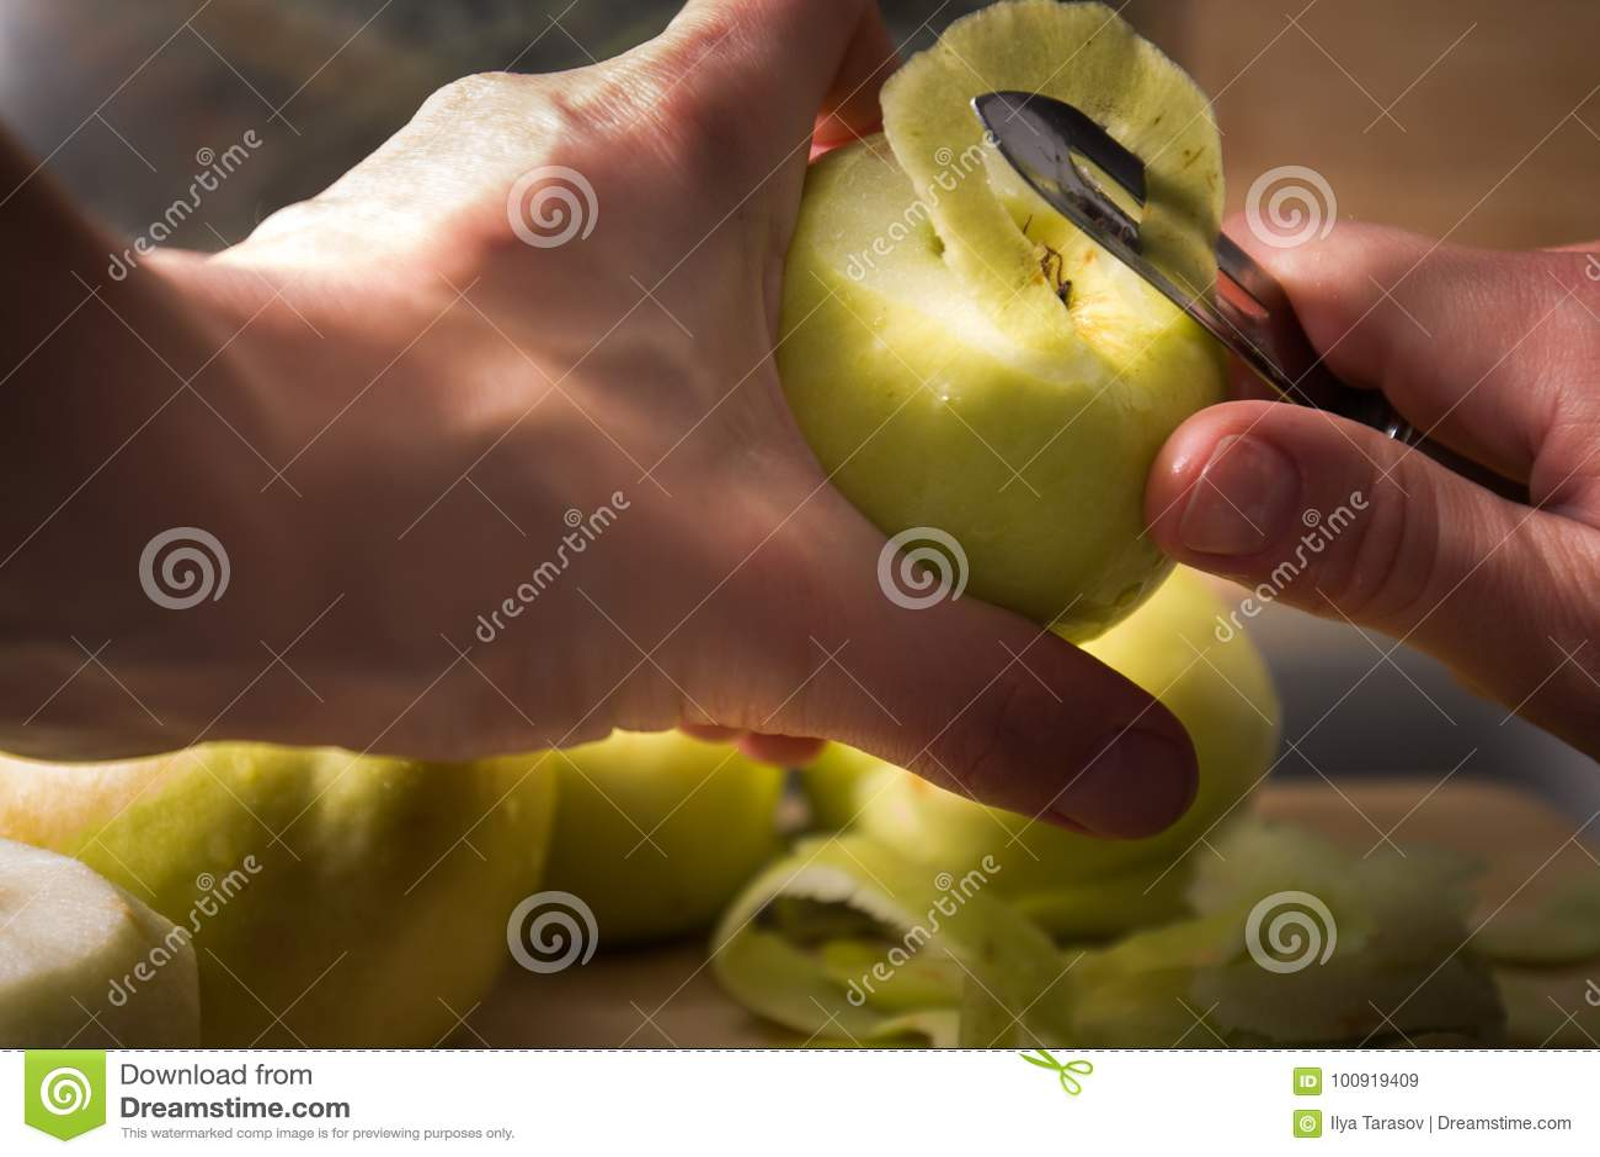 Manos femeninas que pelan la piel apagado de la manzana verde usando un cuchillo de pelado